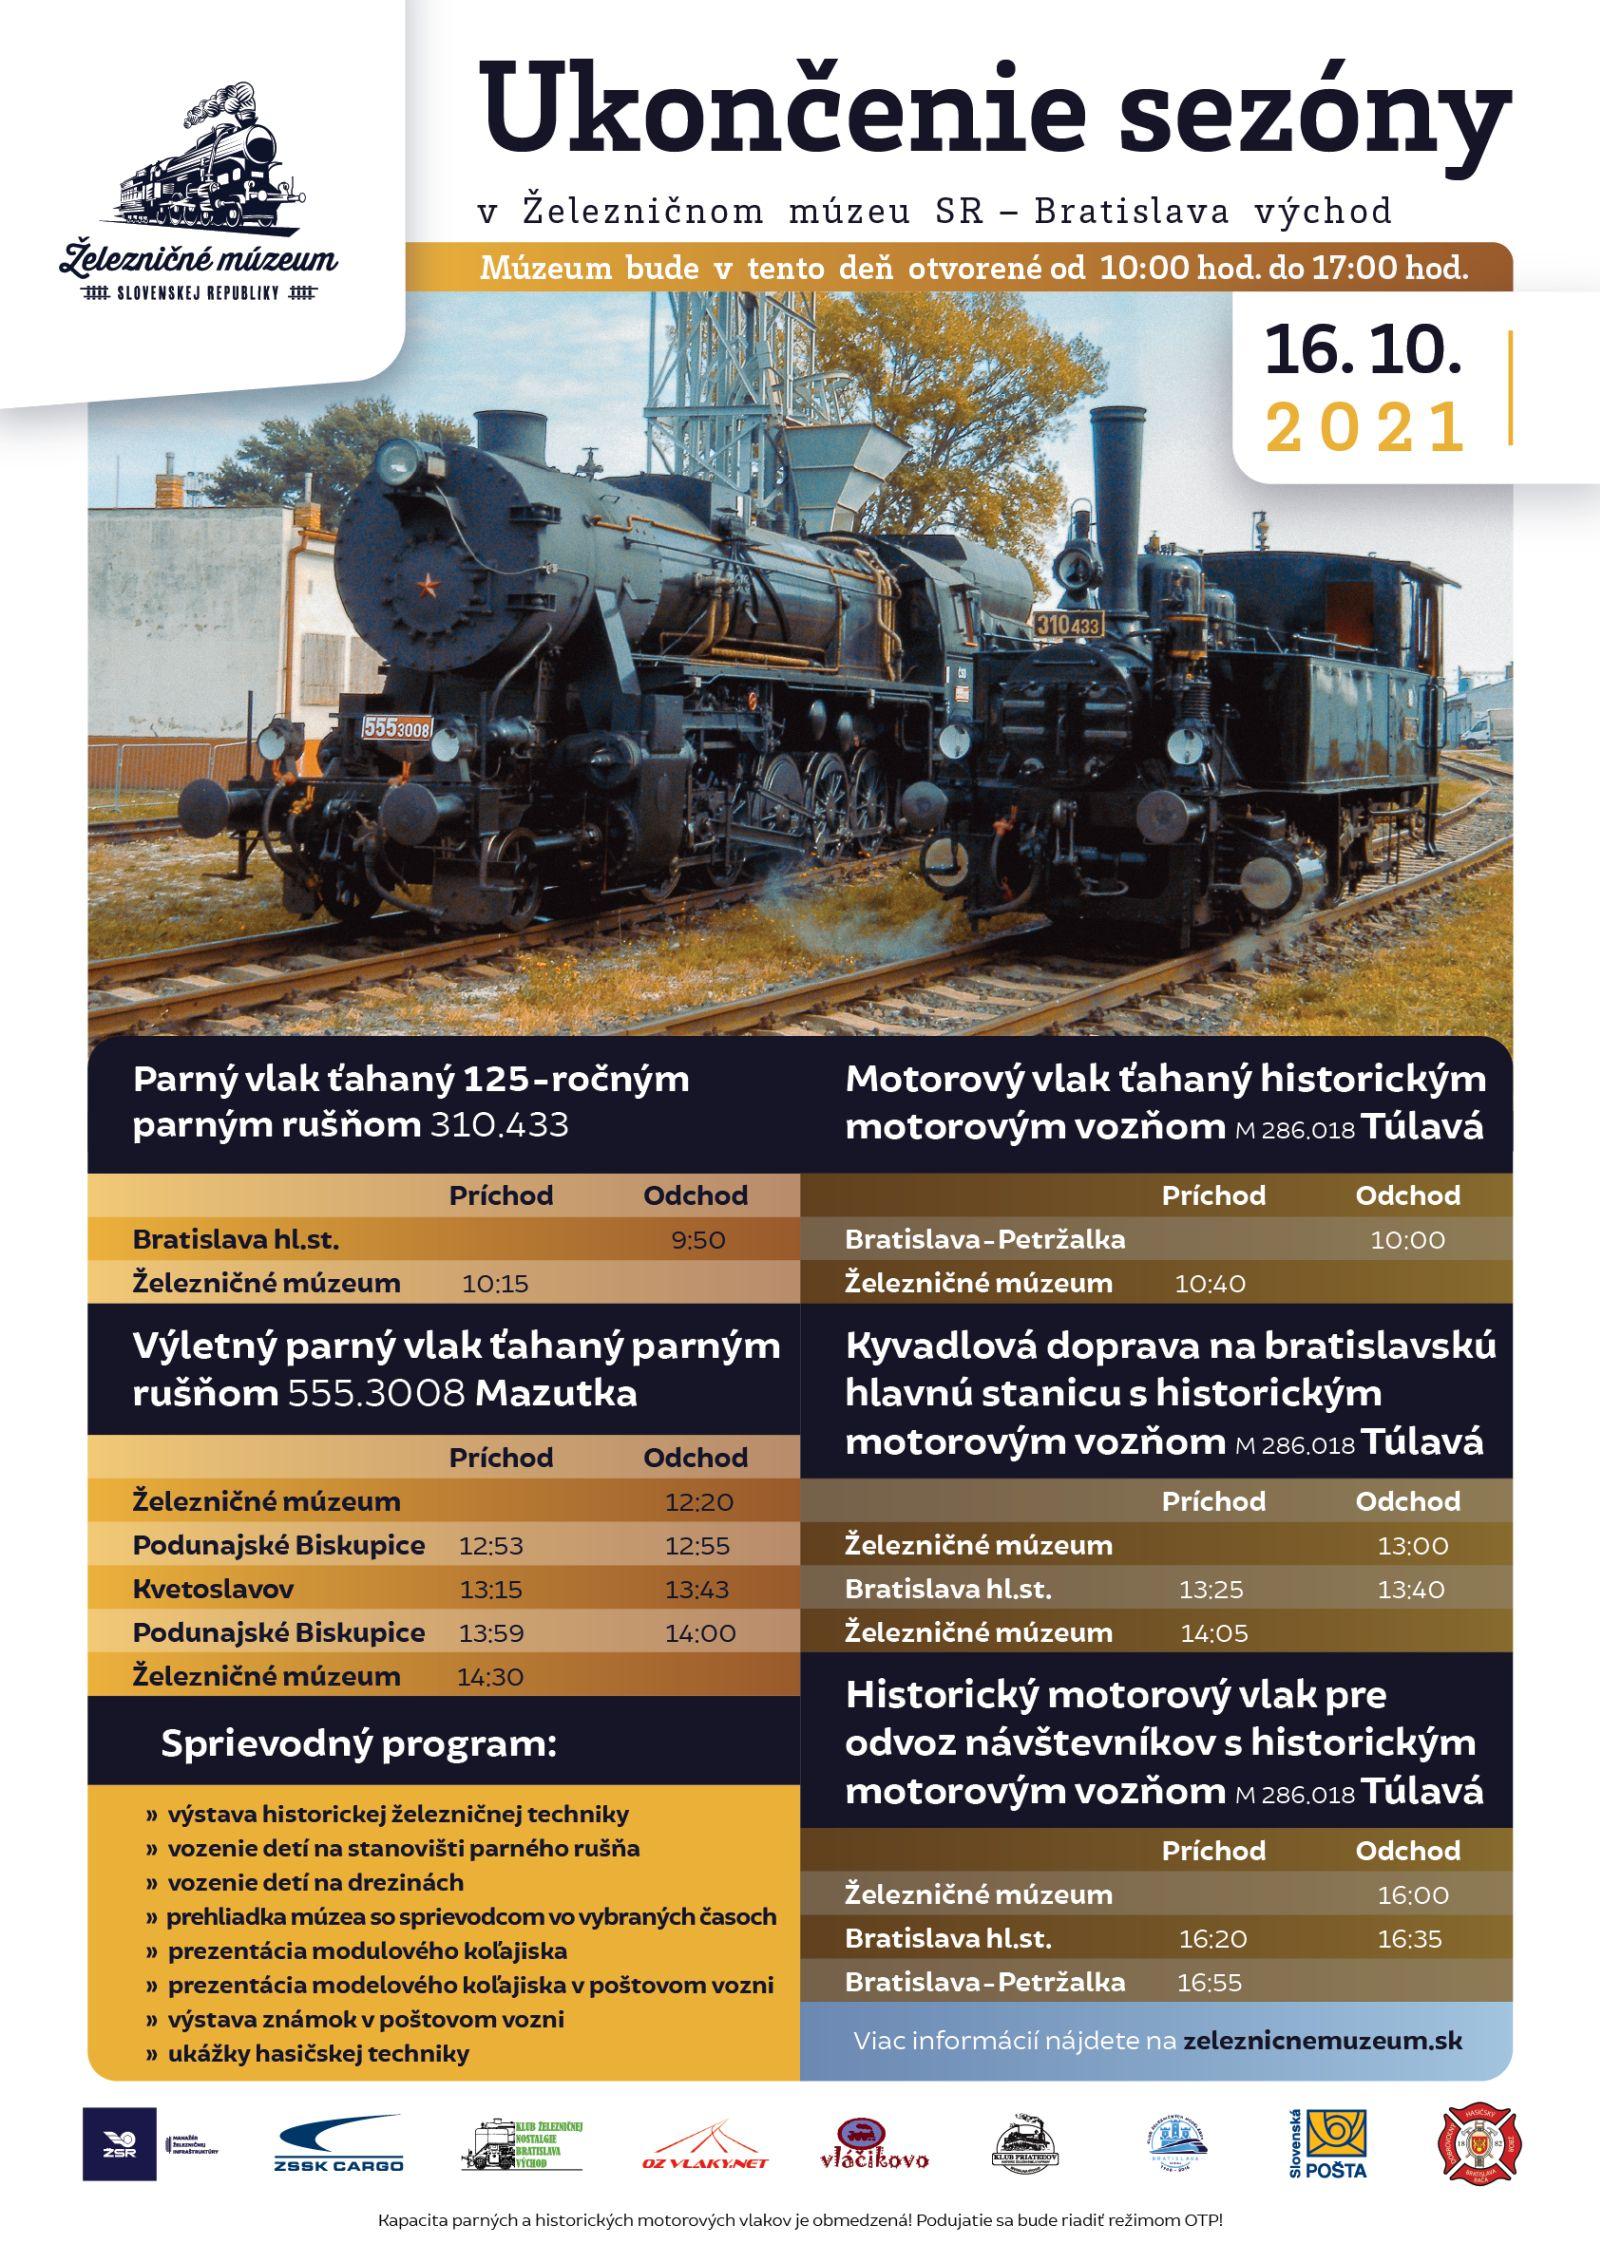 Ukončenie sezóny 2021 – 16.10.2021 od 10:00 do 17:00, Železničné múzeum SR Bratislava východ